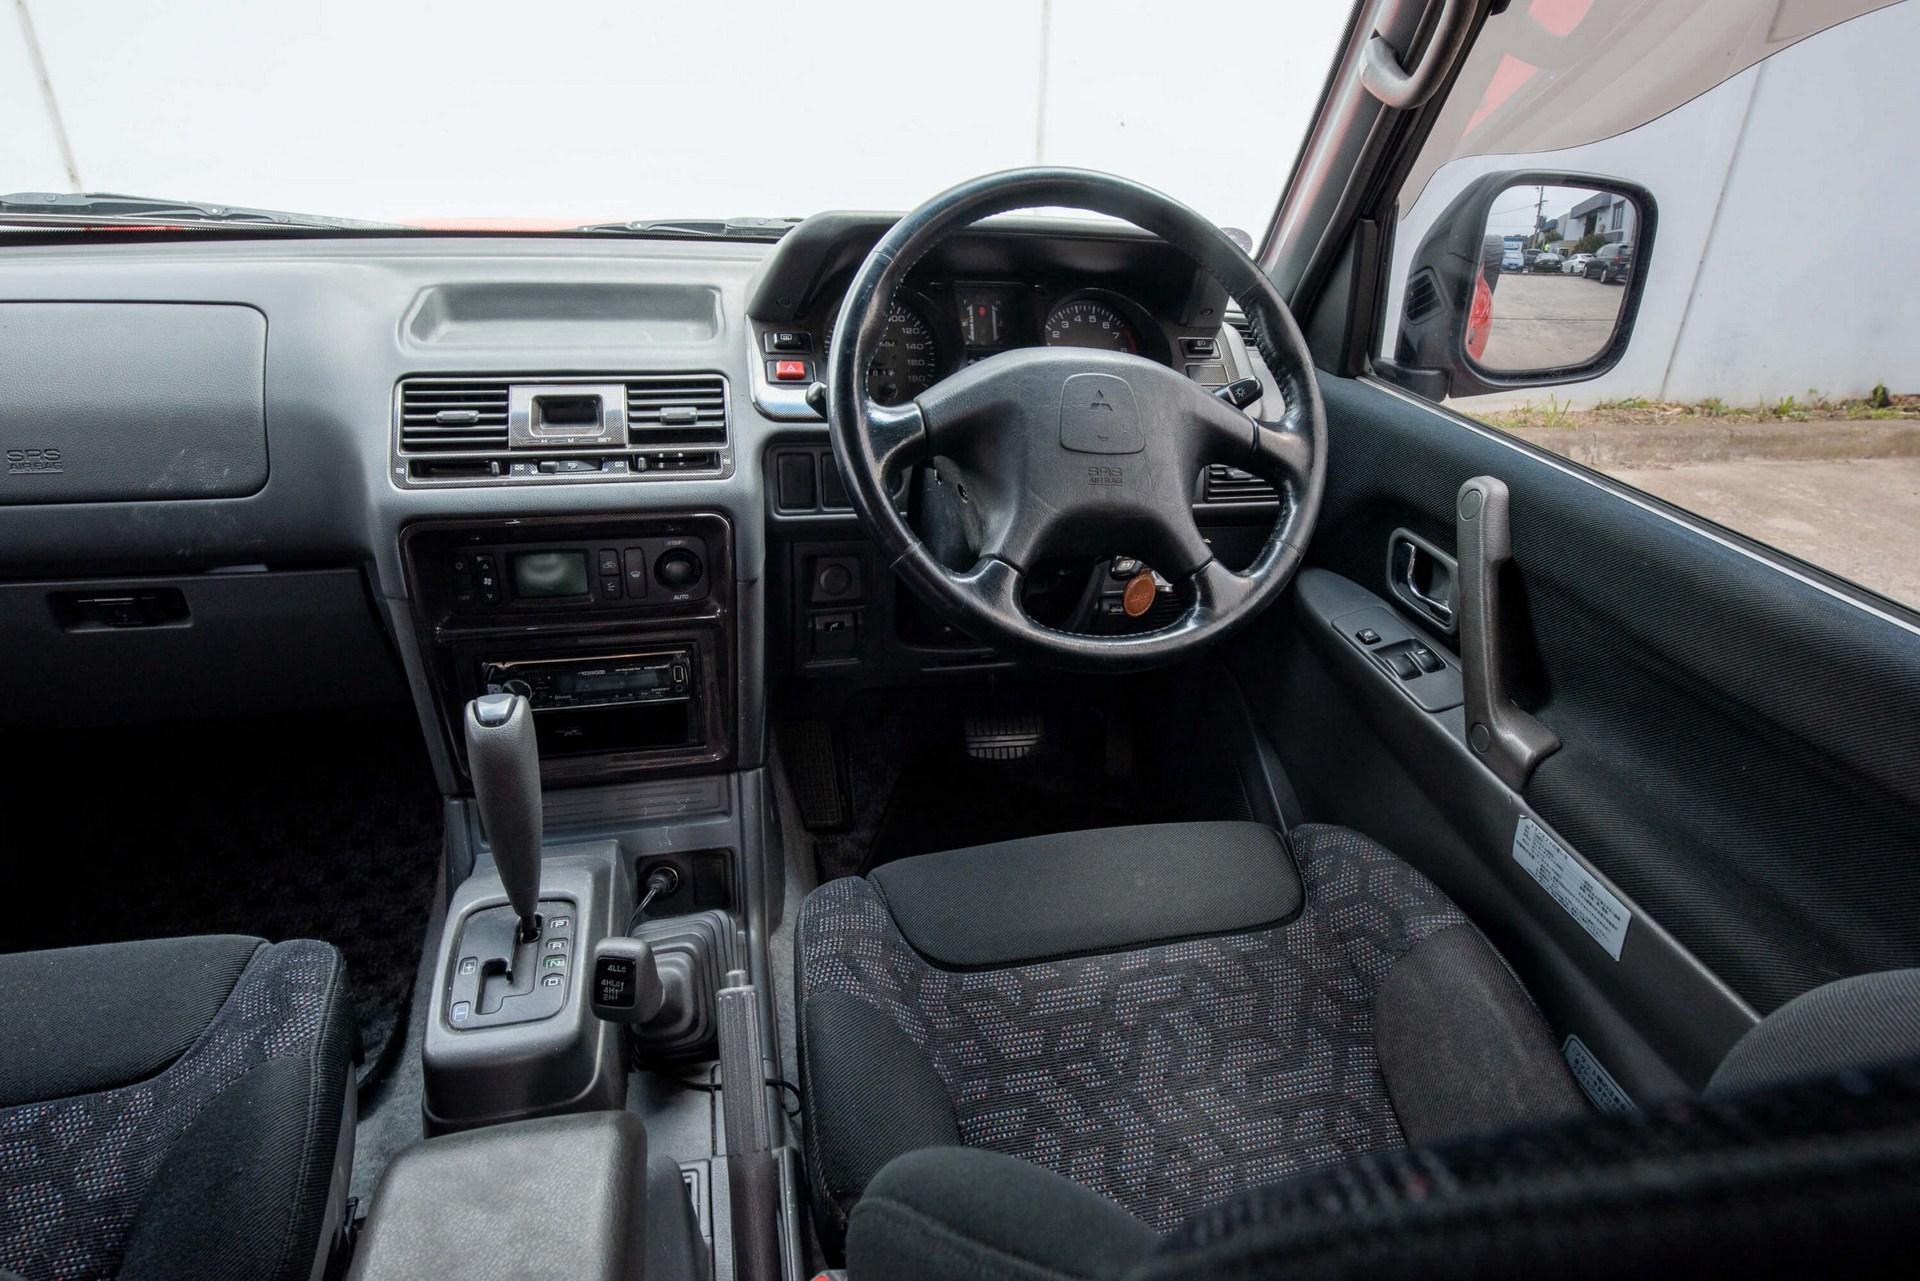 1997_Mitsubishi_Pajero_Evo_sale-0017